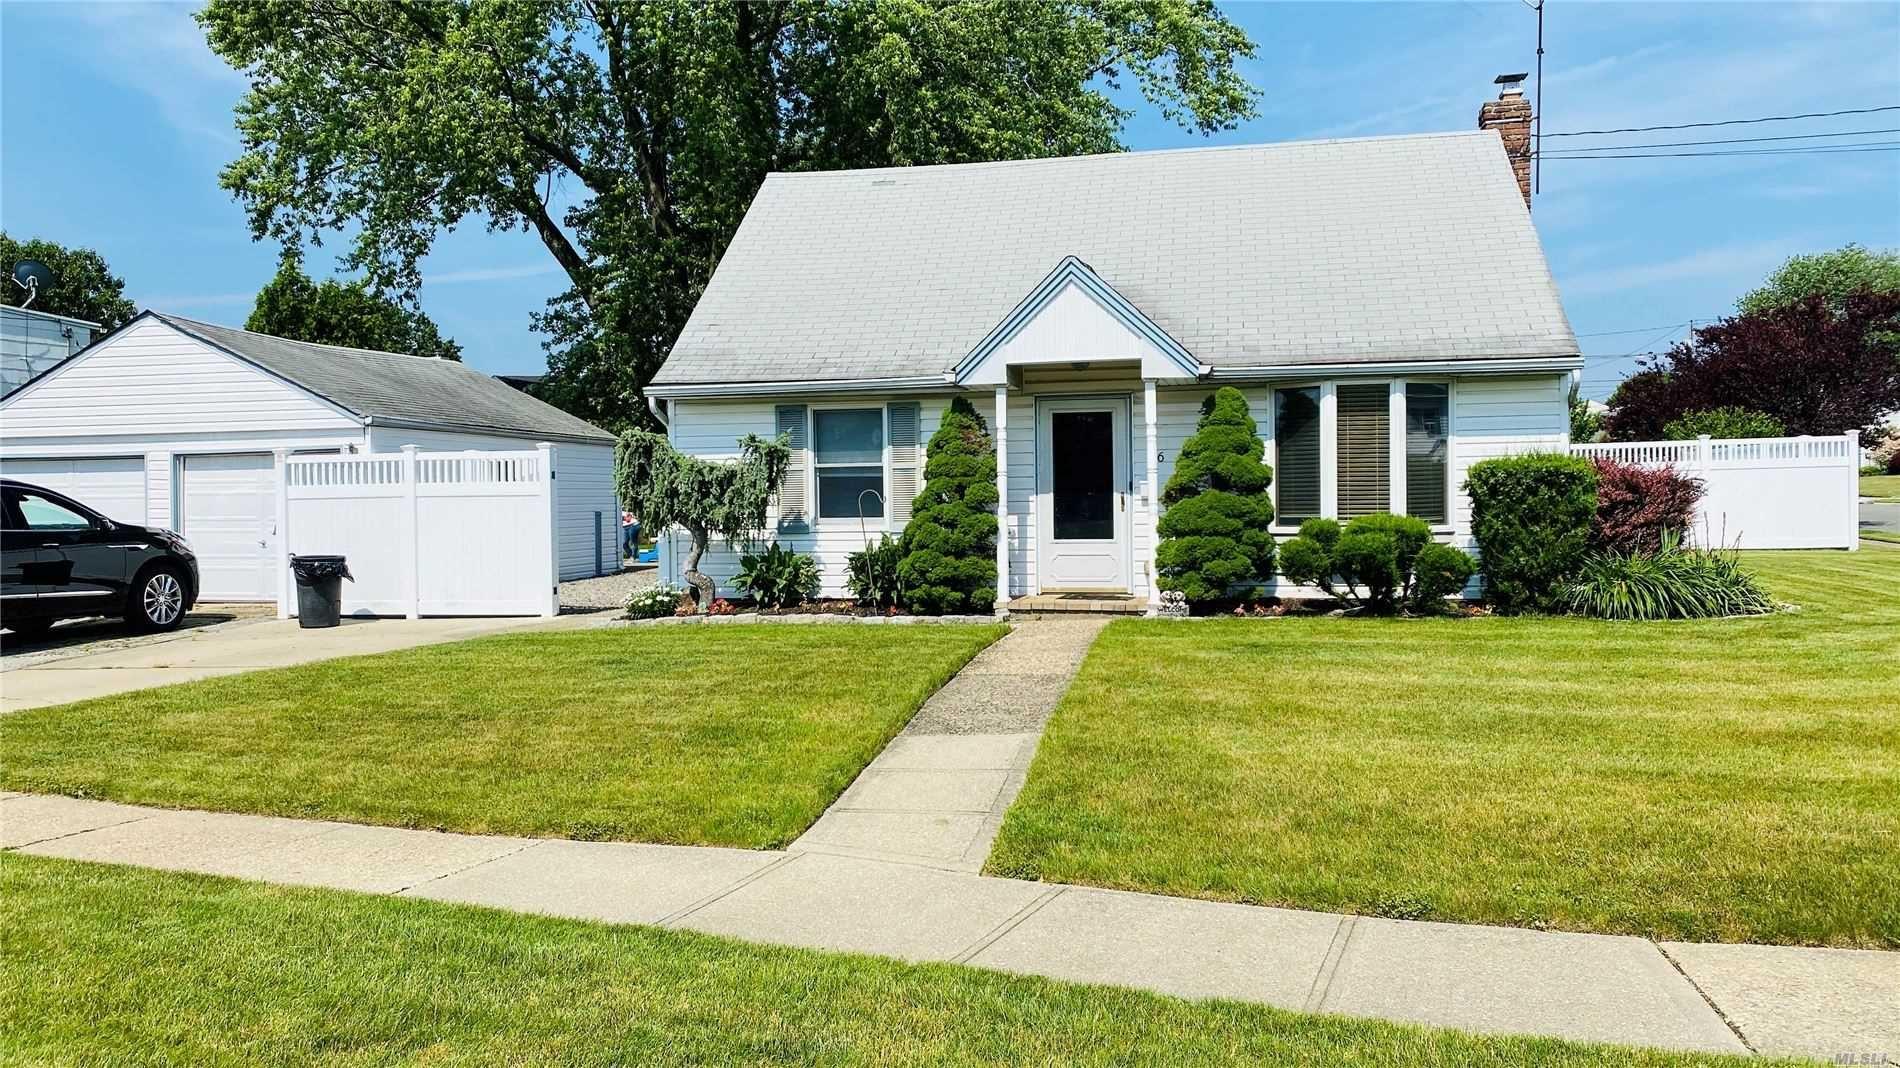 66 E Birch Avenue, Farmingdale, NY 11735 - MLS#: 3205062